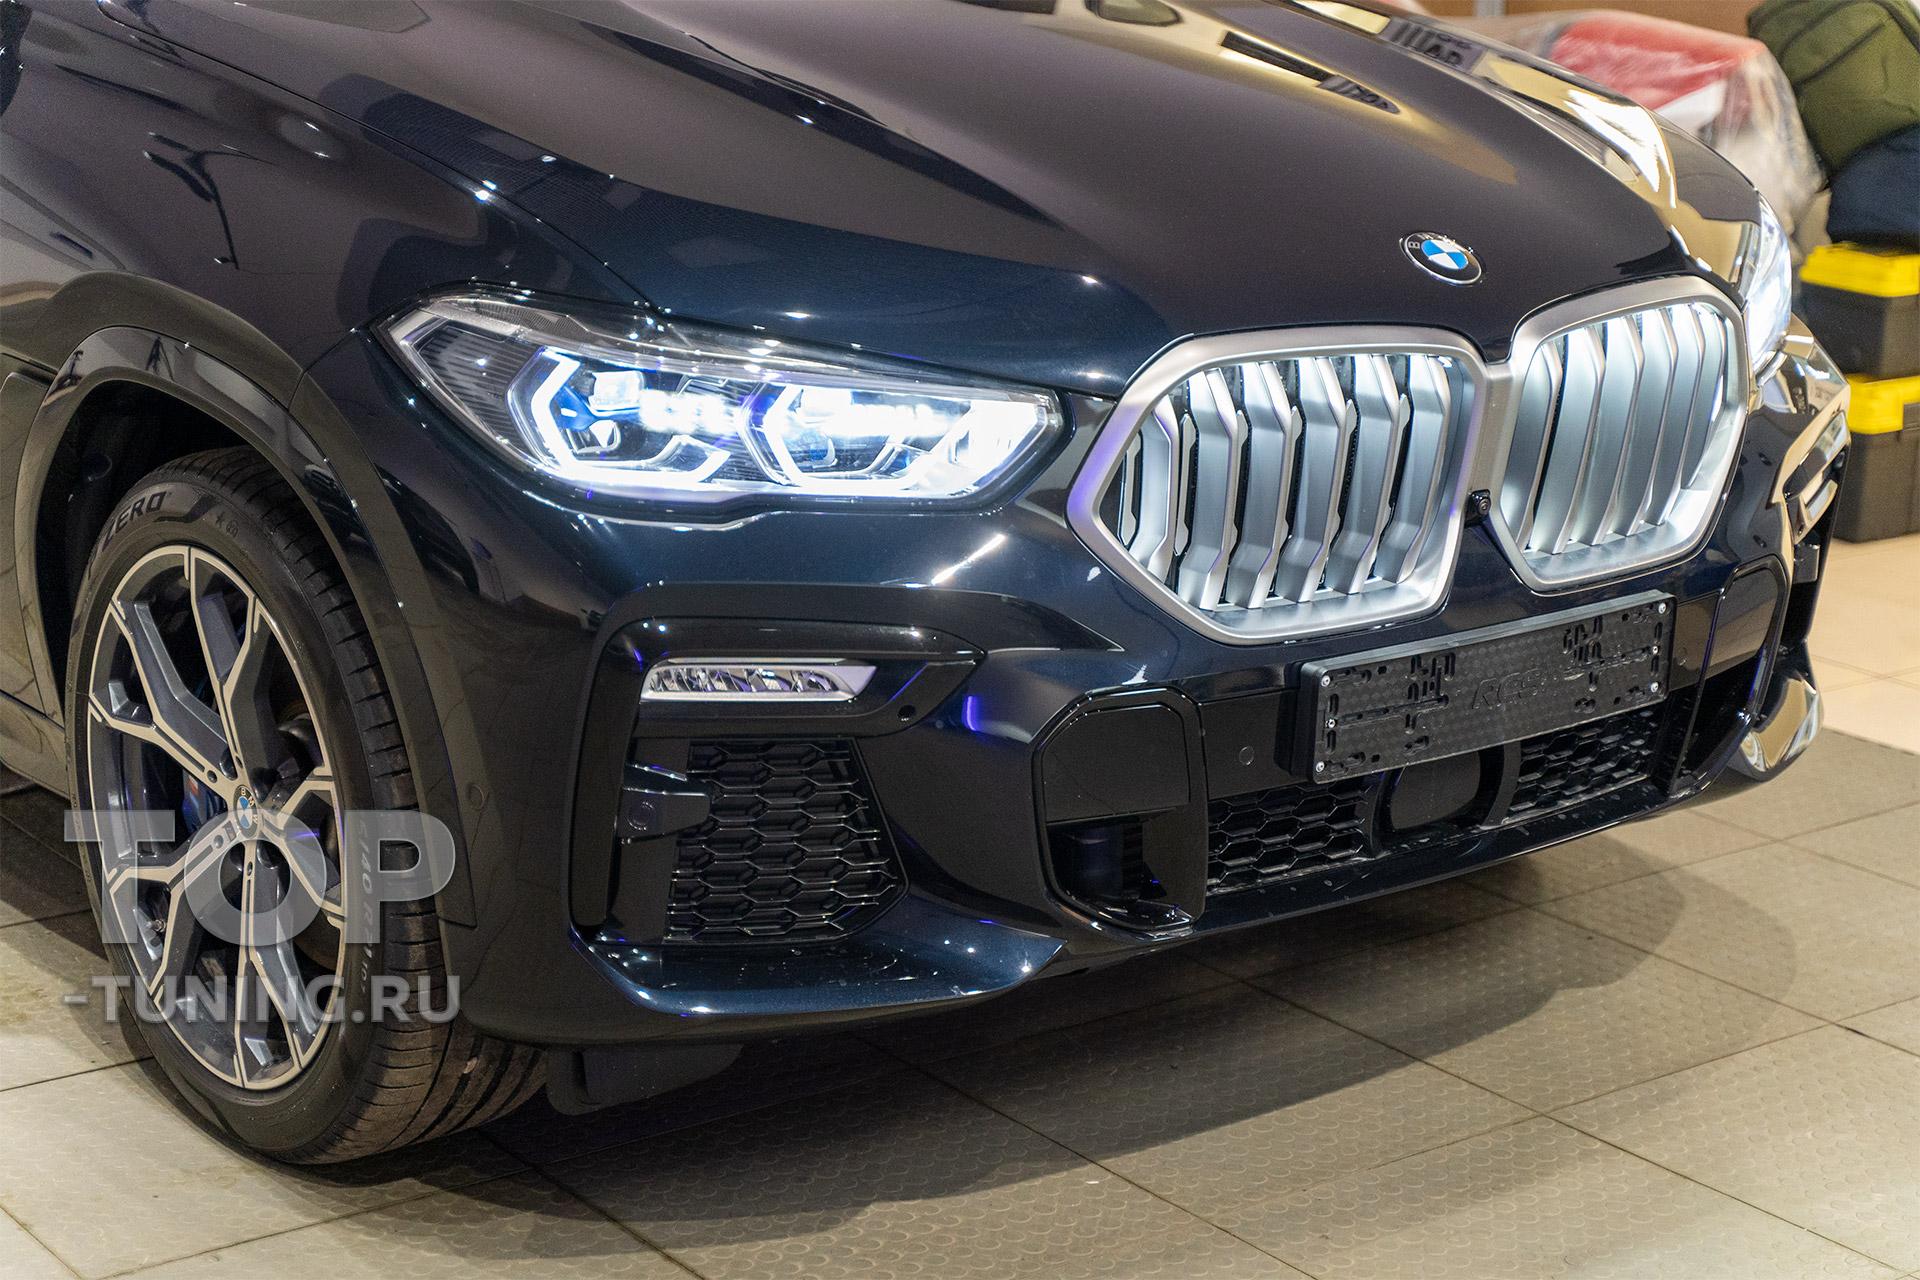 Светодиодные фары Laser LED в BMW X6 G06